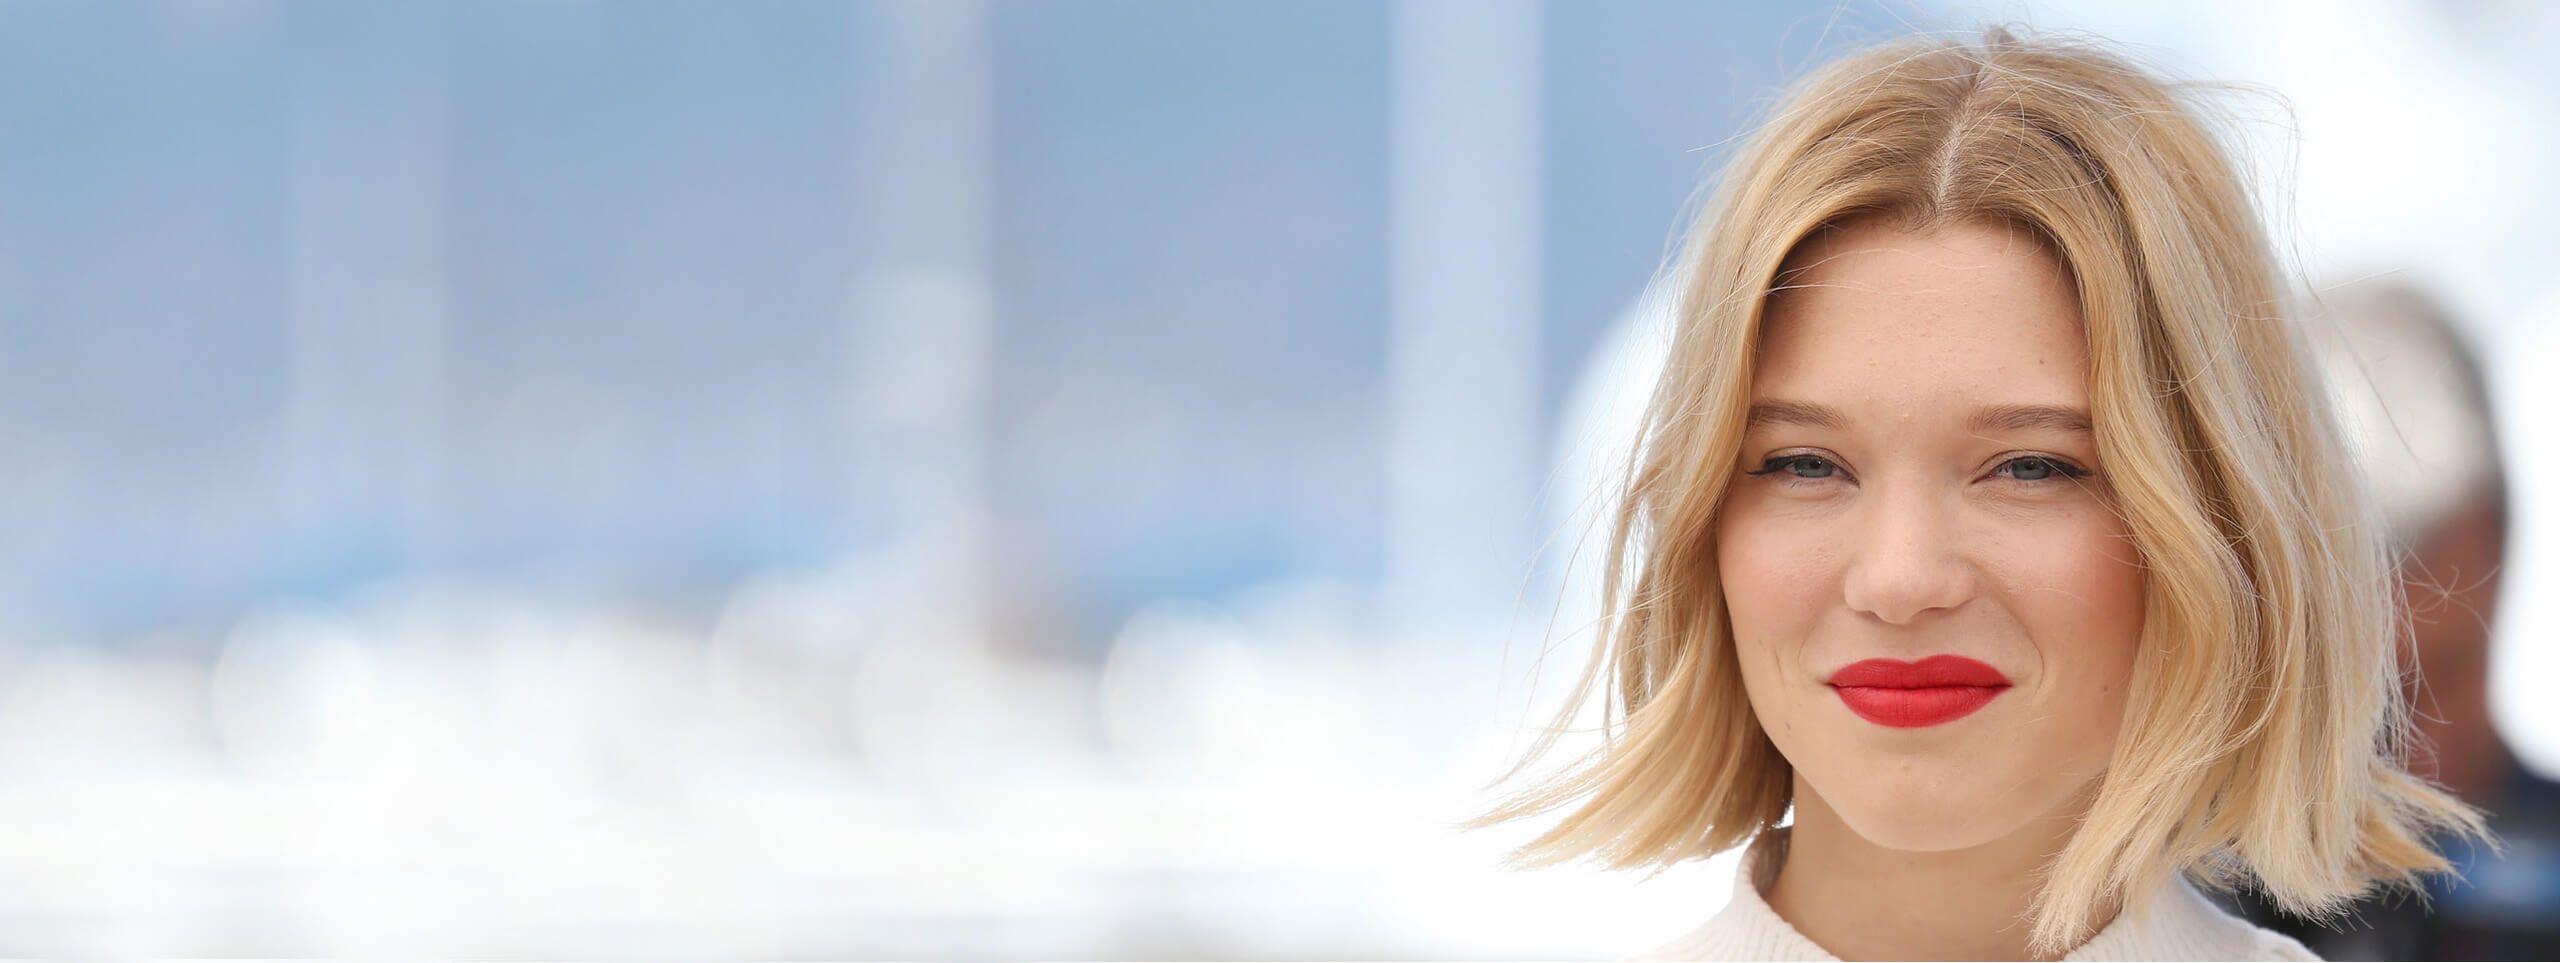 Lea Seydoux attrice acconciatura bob biondo fino al mento